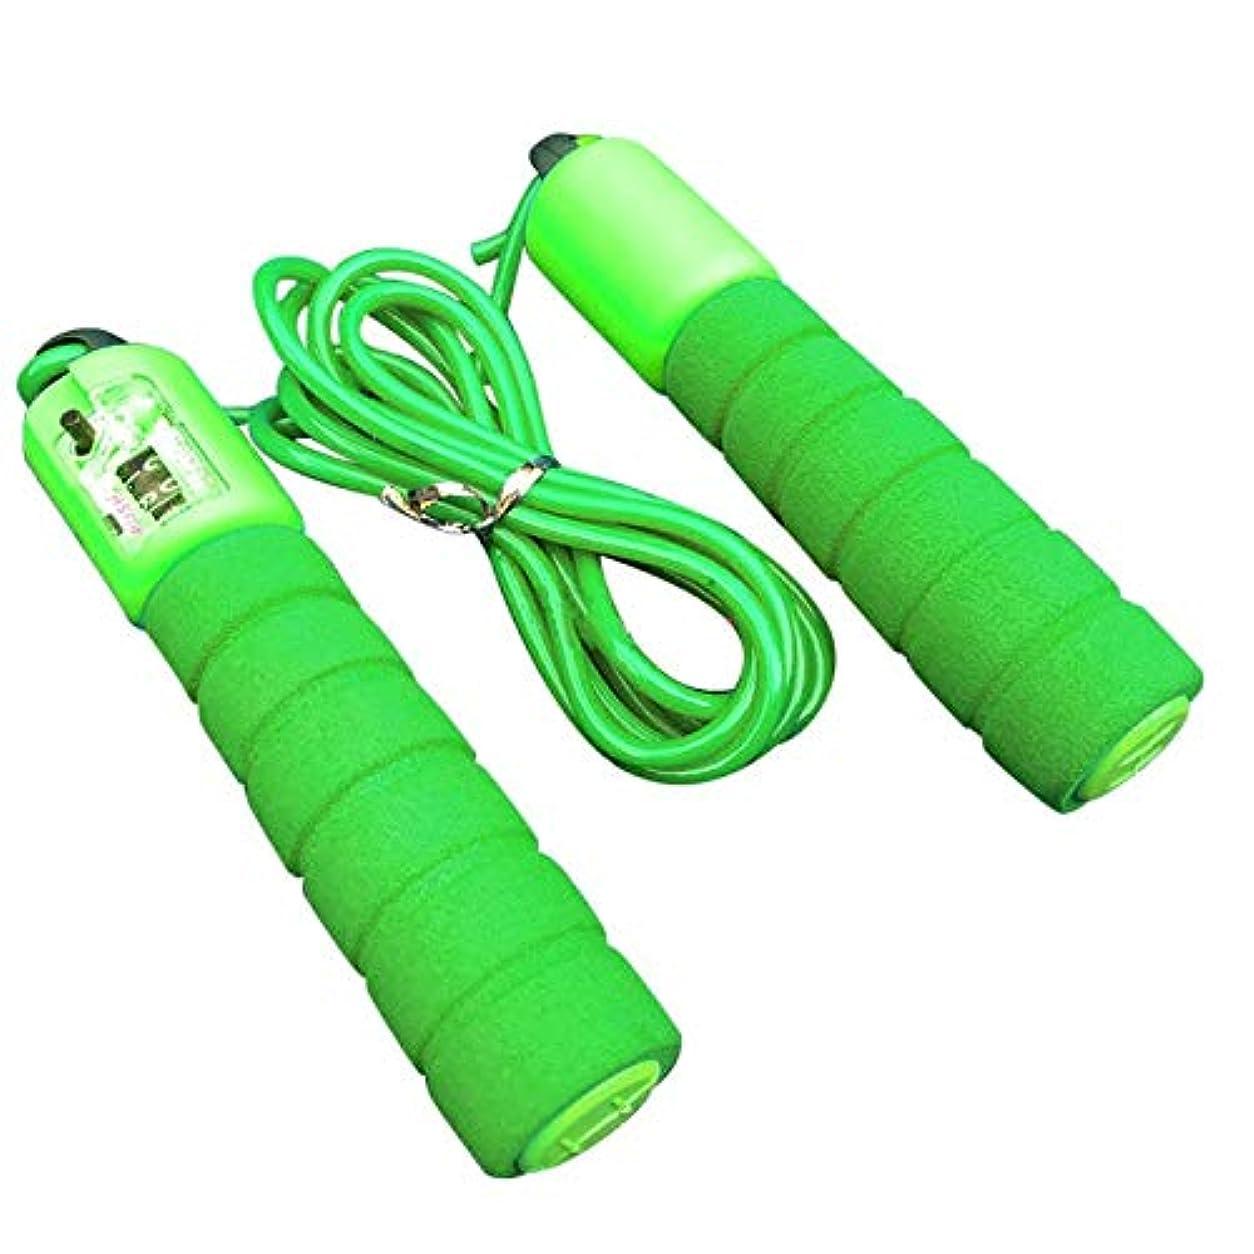 賭けロースト歩き回る調節可能なプロフェッショナルカウント縄跳び自動カウントジャンプロープフィットネス運動高速カウントジャンプロープ - グリーン